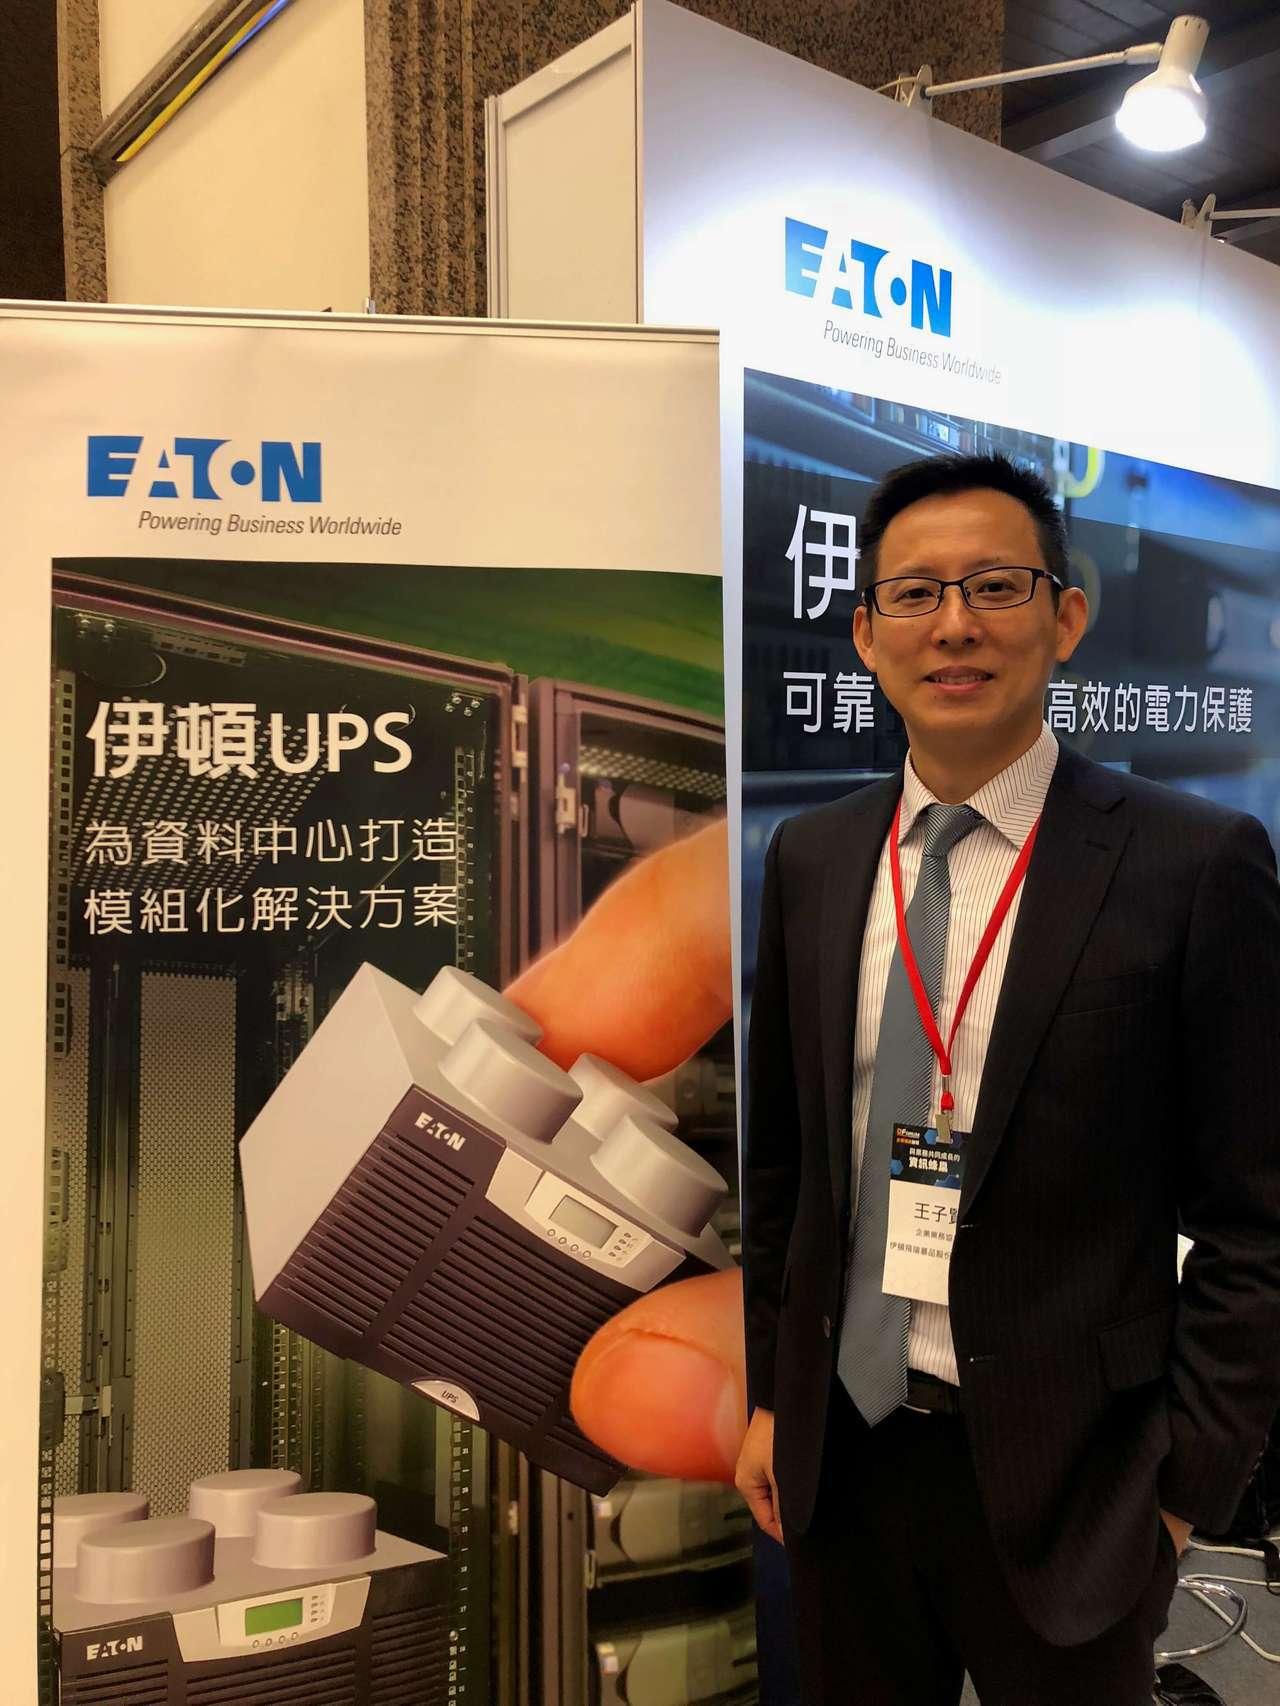 伊頓台灣區電氣事業企業業務協理王子賢表示,推出微型資料中心與儲能智慧解決方案。(...